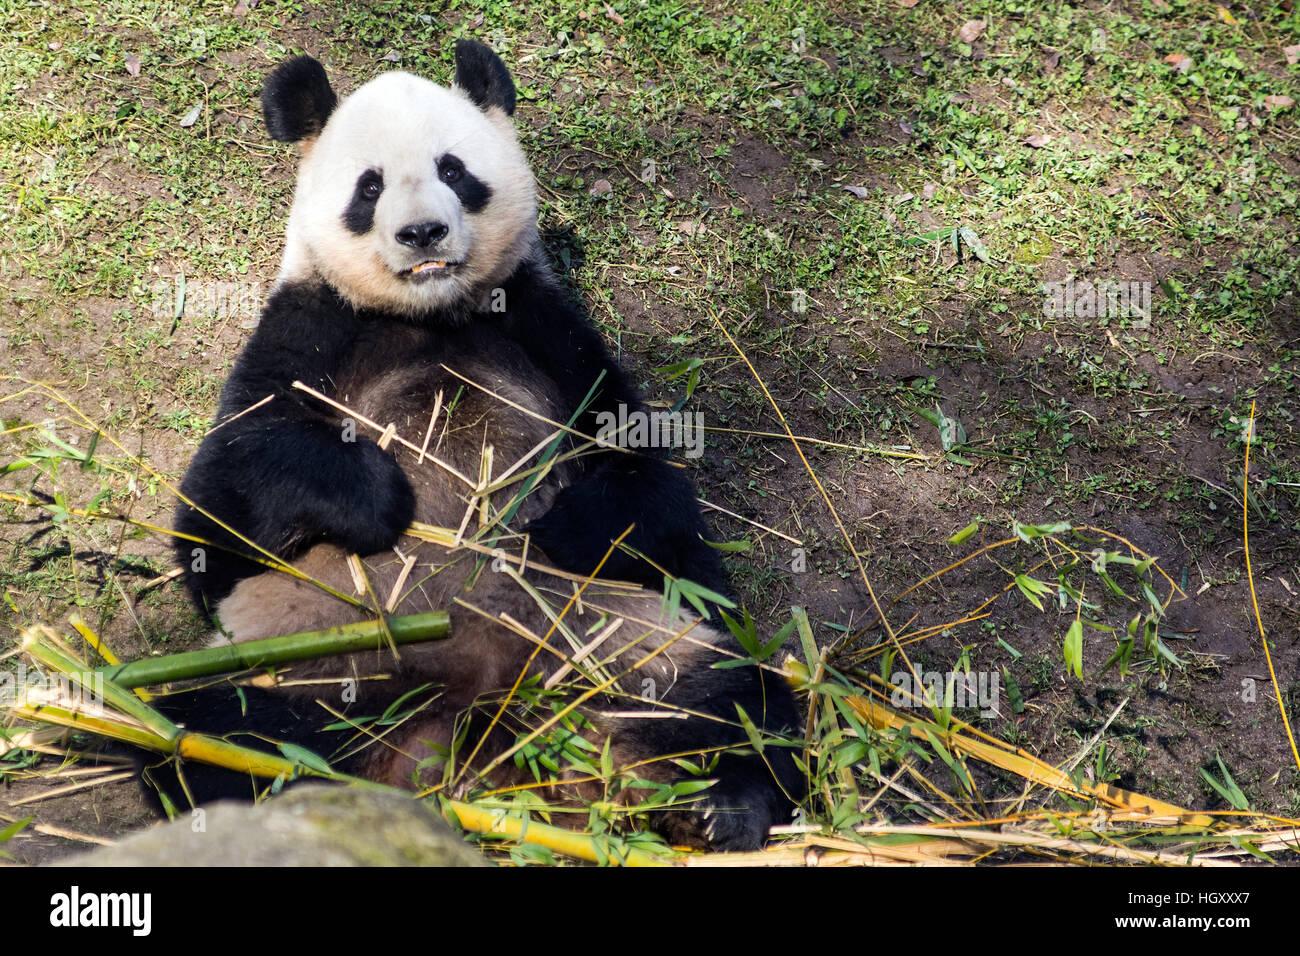 Oso Panda Comiendo bambú en Zoo Aquarium de Madrid Imagen De Stock